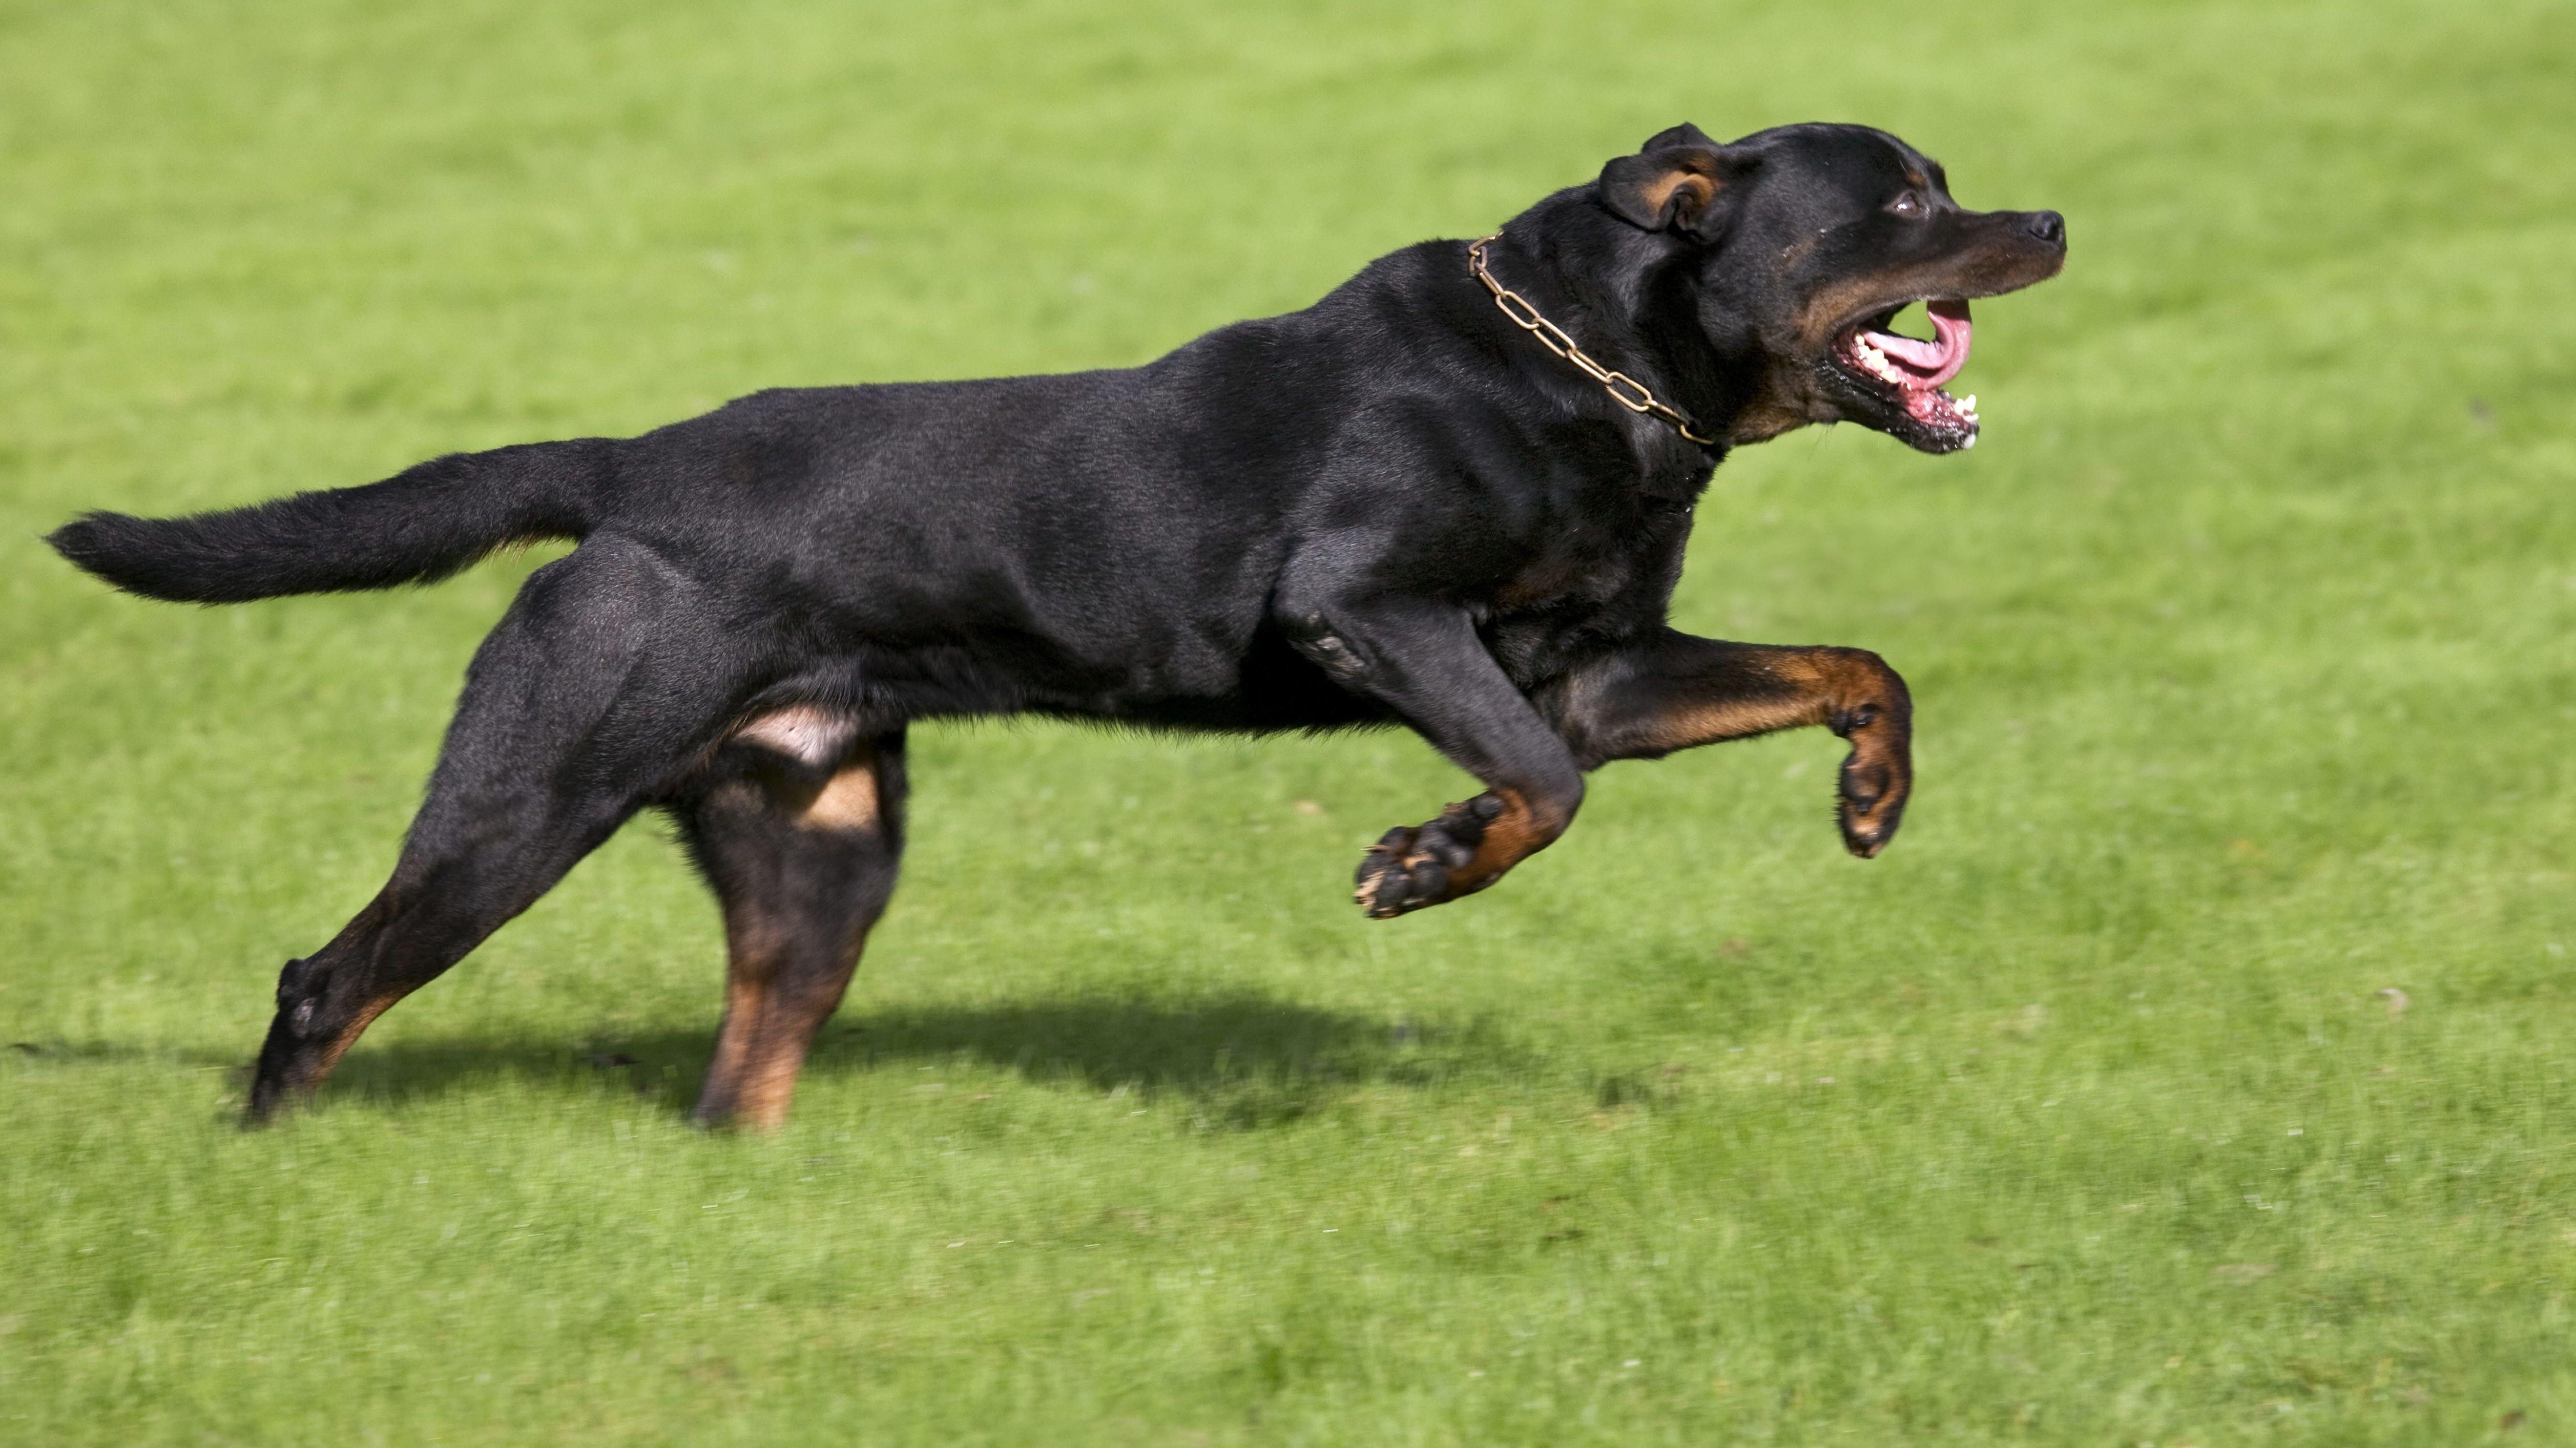 Symbolbild: Rottweiler-Hund rennt über eine Wiese